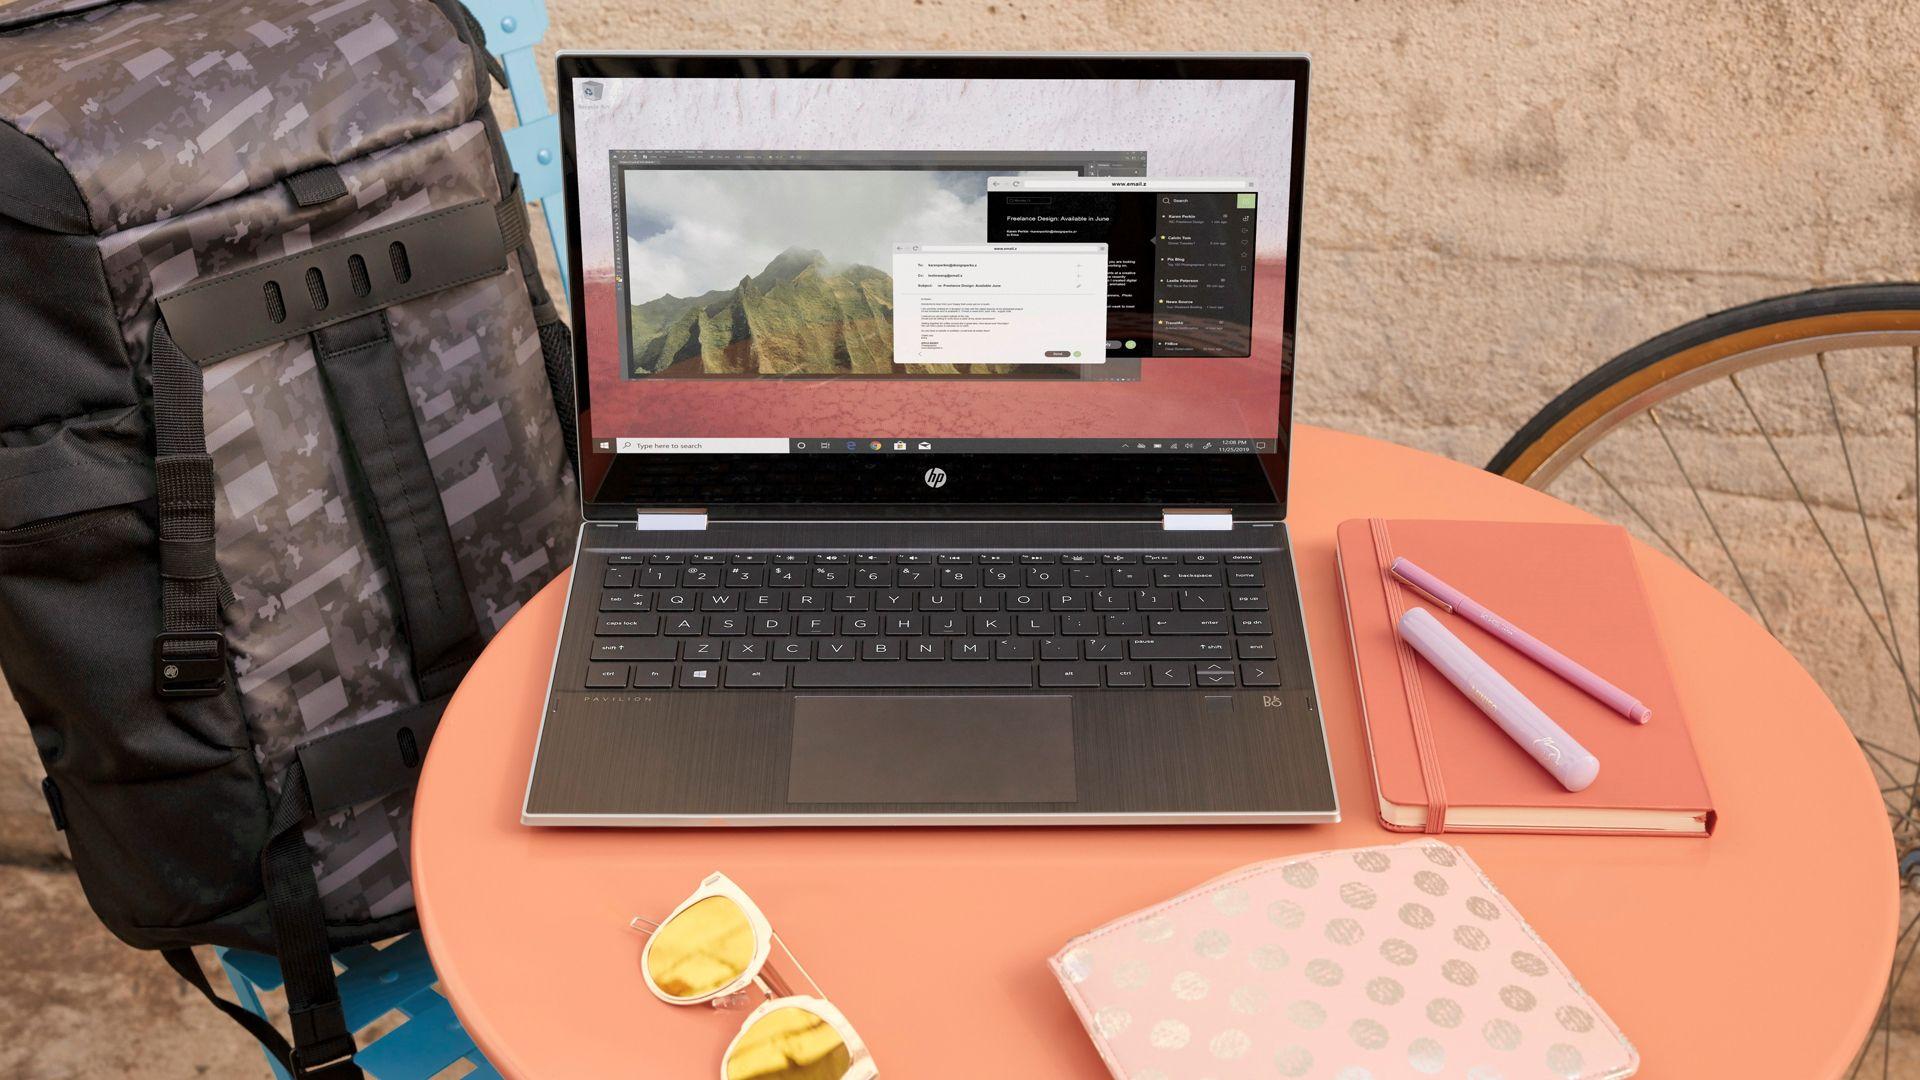 HP anuncia novo notebook Pavilion x360 com Intel Core de 10ª geração e suporte a 4G